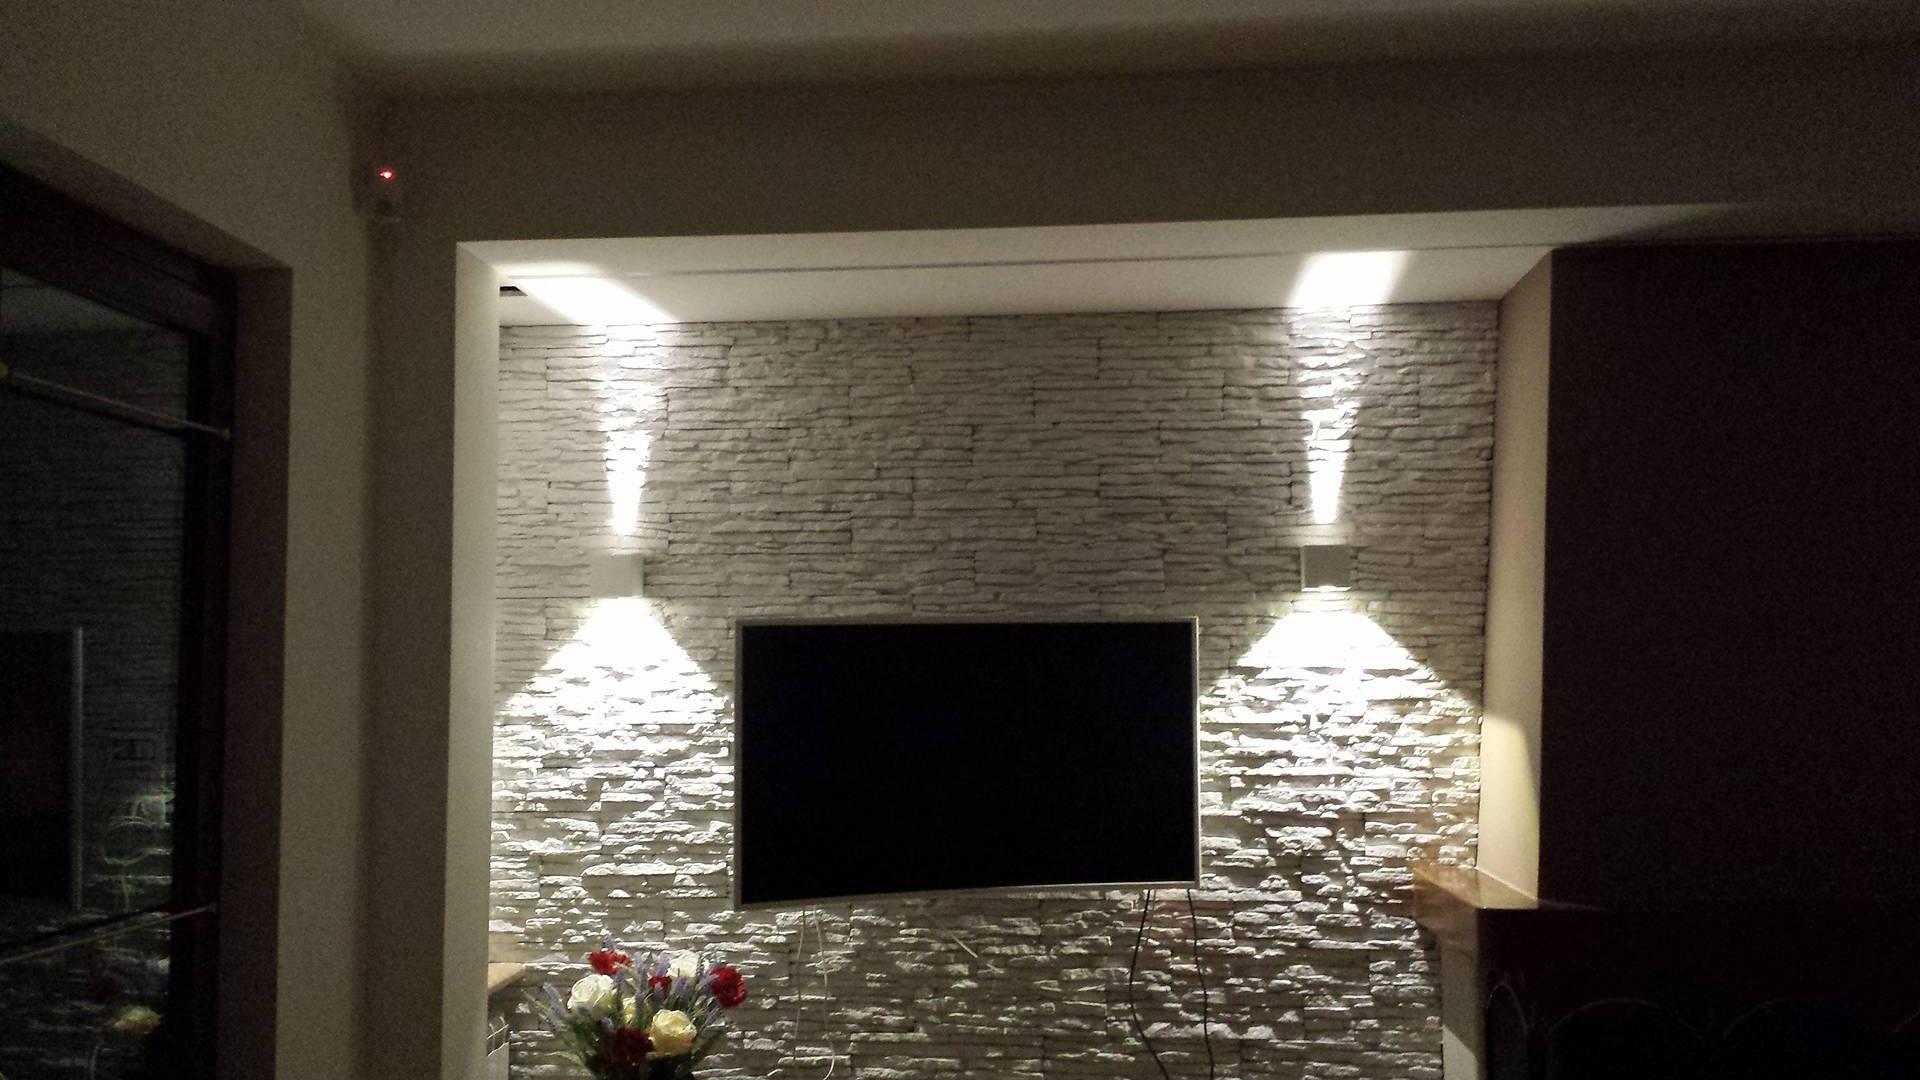 Questo materiale naturale si presta al rivestimento delle pareti e può essere scelto in diversi colori e tagli. Il Soggiorno Rinnovare Con La Pietra